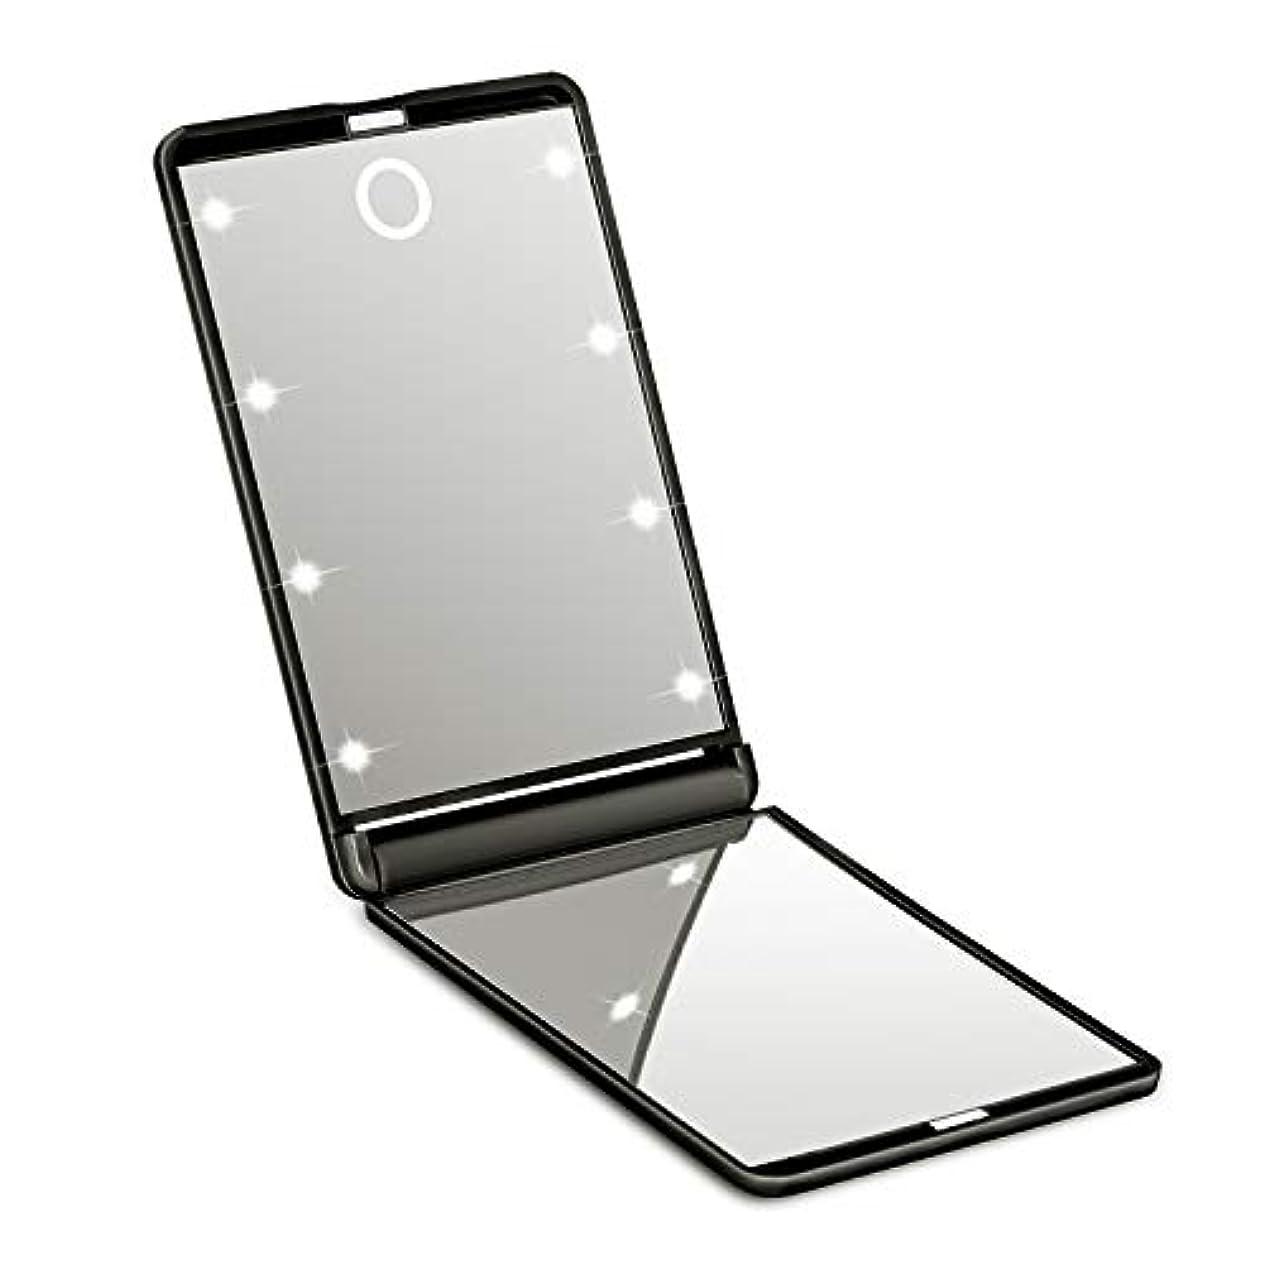 フィールド家主再び【2019新版】SOTCAR 化粧鏡 ledミラー 8灯 折りたたみ式 コンパクト 化粧ミラー 女優ミラー 拡大鏡付き手鏡 携帯型 持ち運び便利 可能なスタンドミラー2倍拡大鏡付 明るさ調節可能 (ブラック)